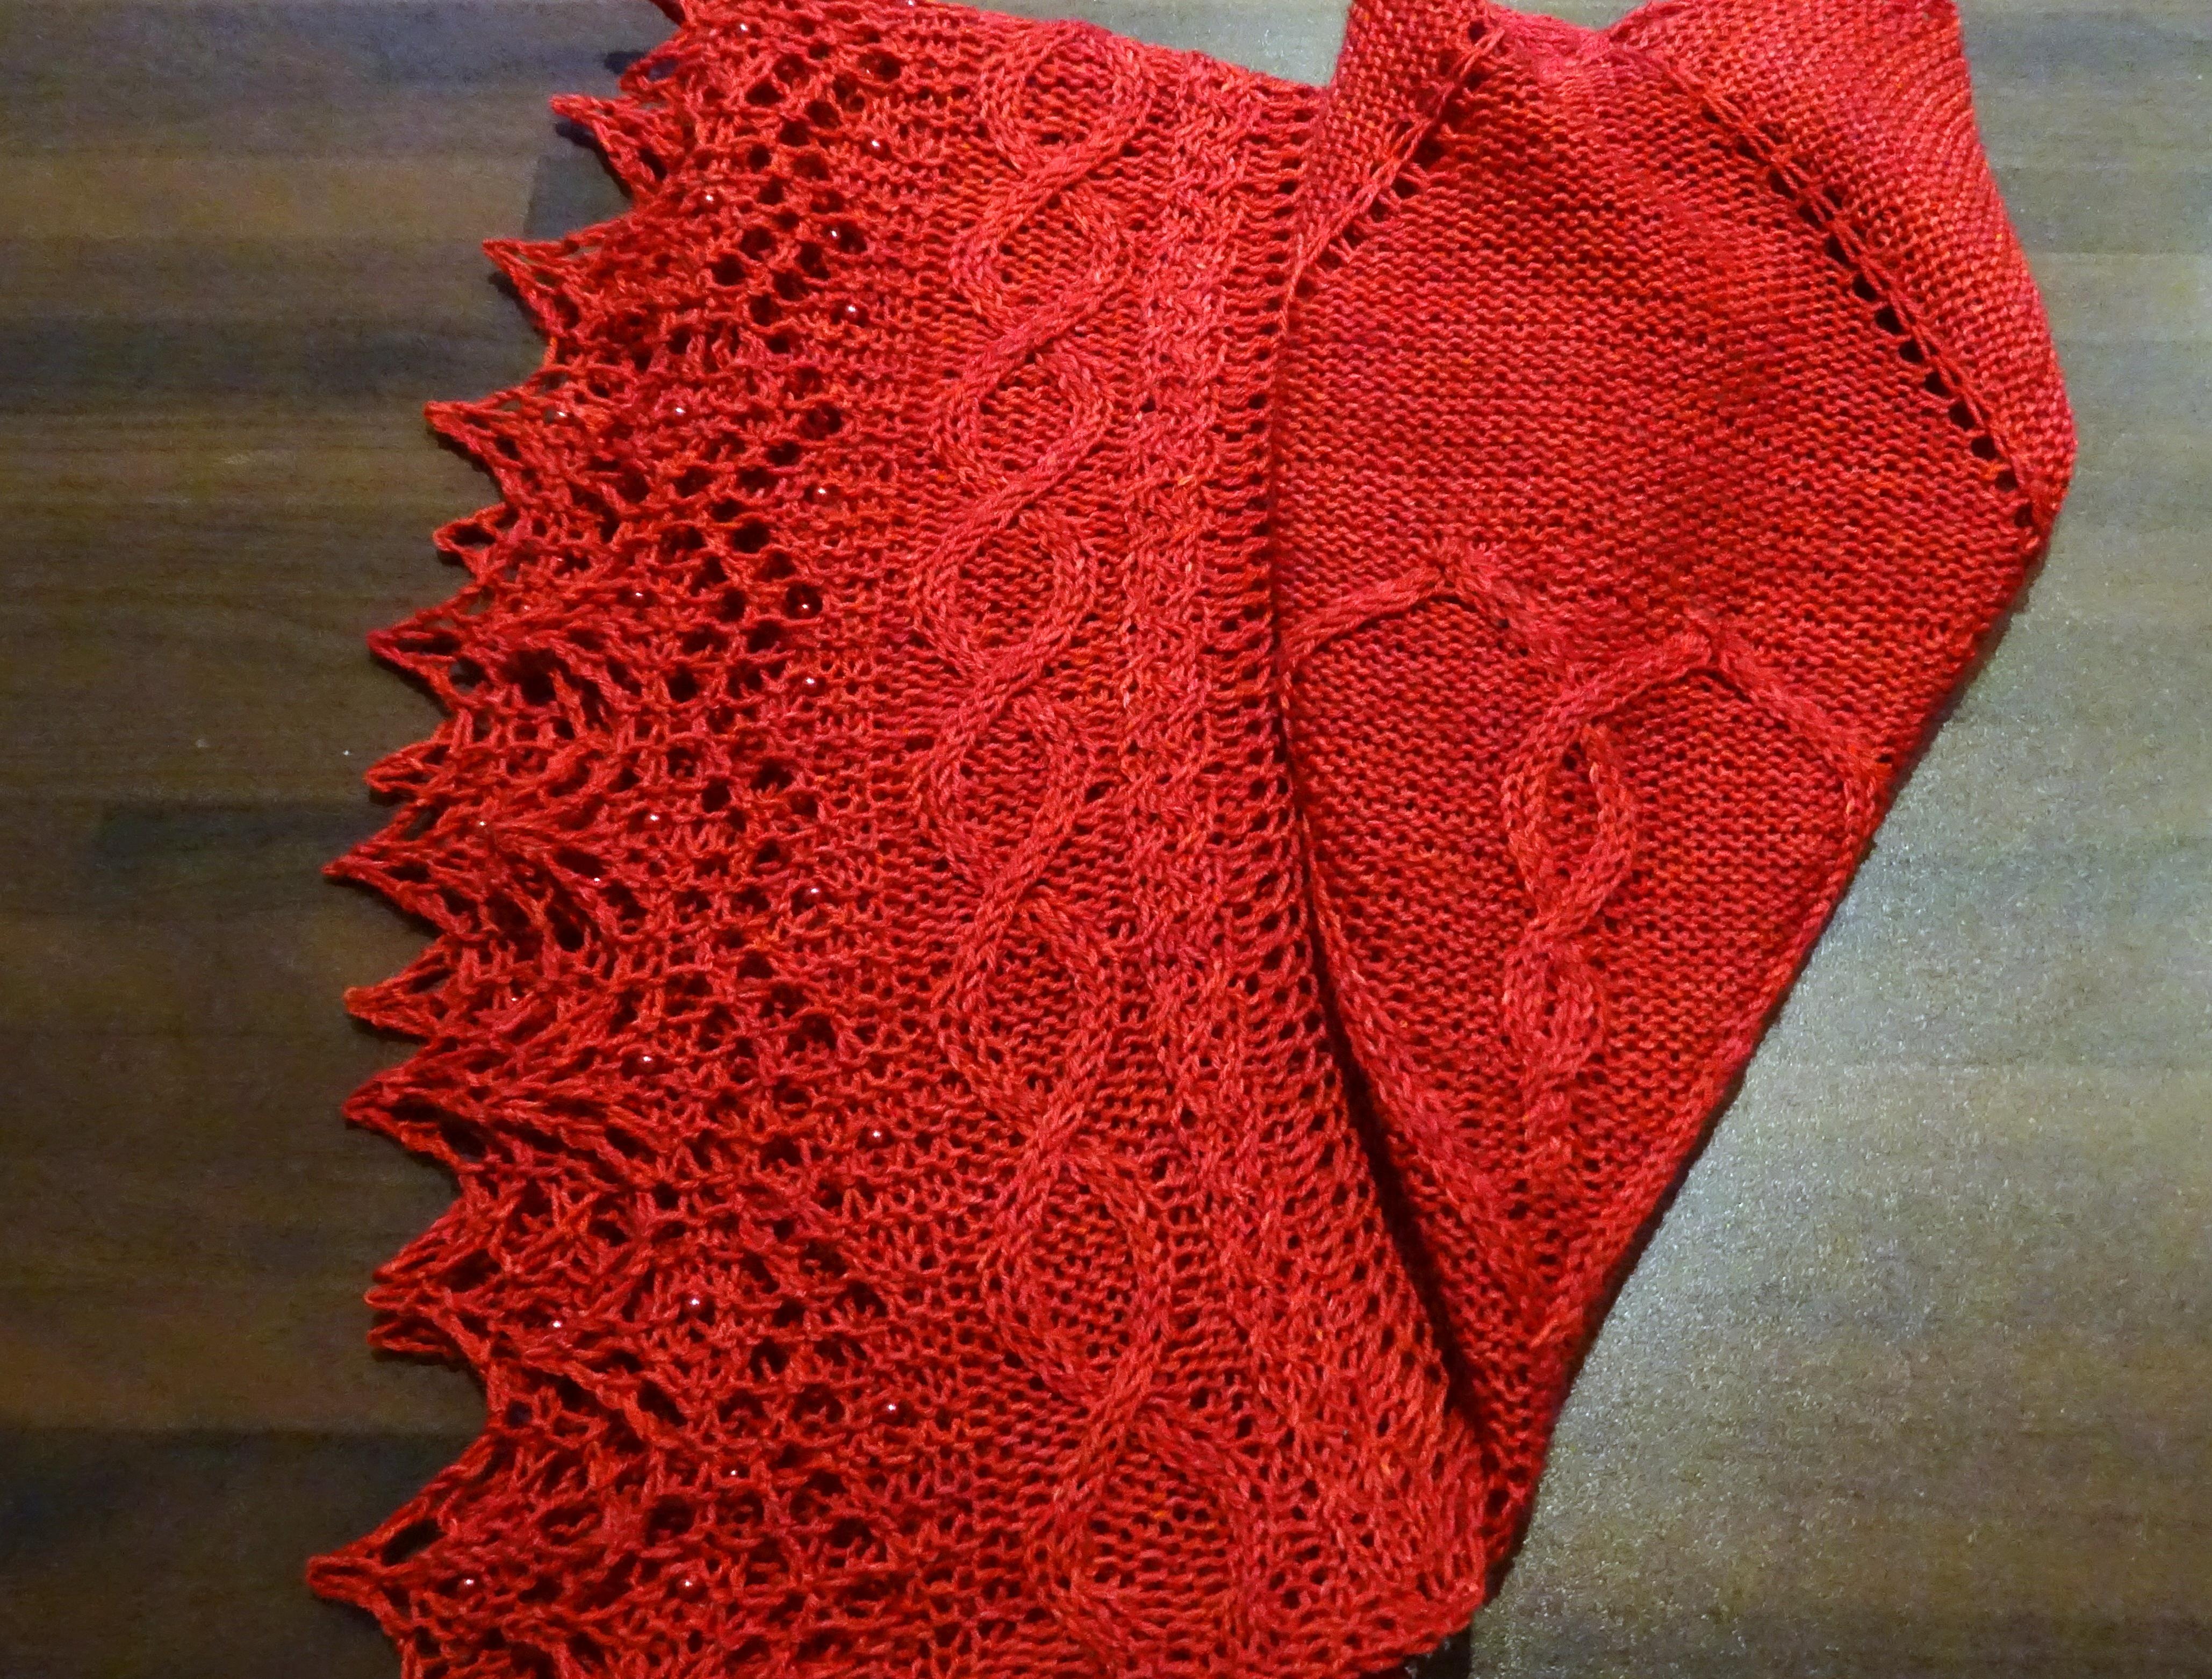 Irish Lace Knitting Pattern : Shawl patterns an irish knit odyssey